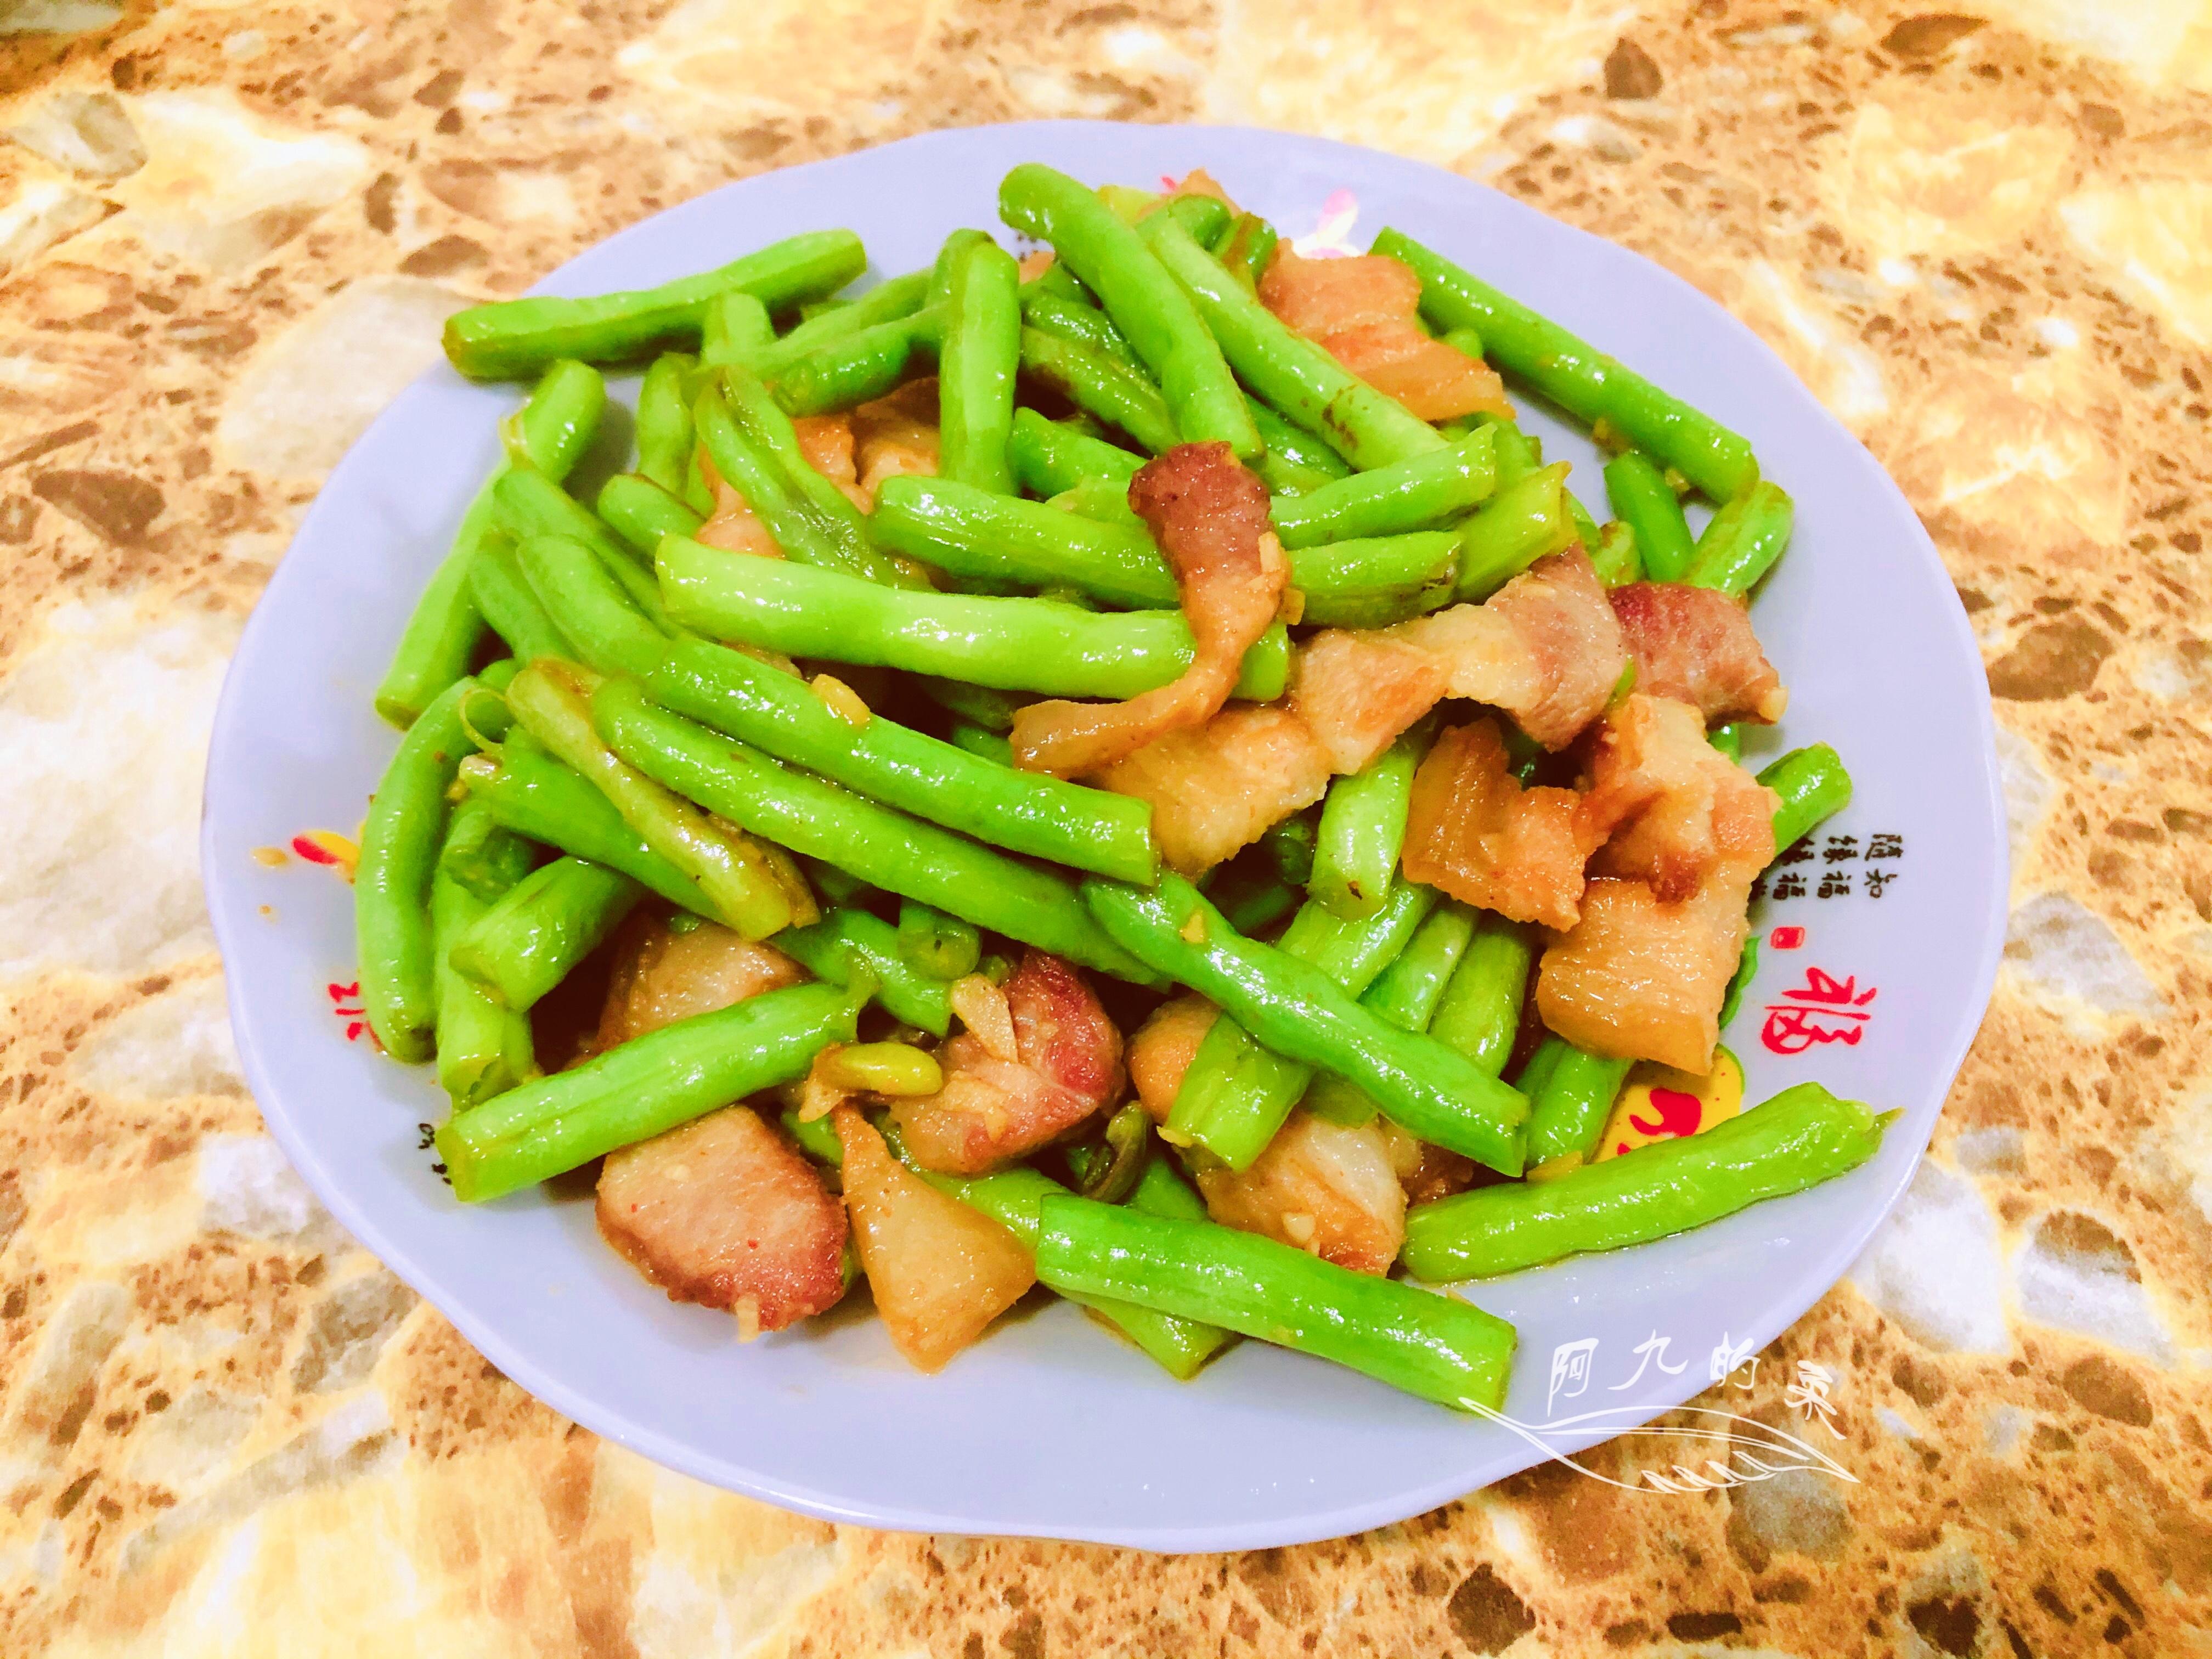 明日小满,7道家常菜吃起来,简单又营养足,比大鱼大肉还要下饭